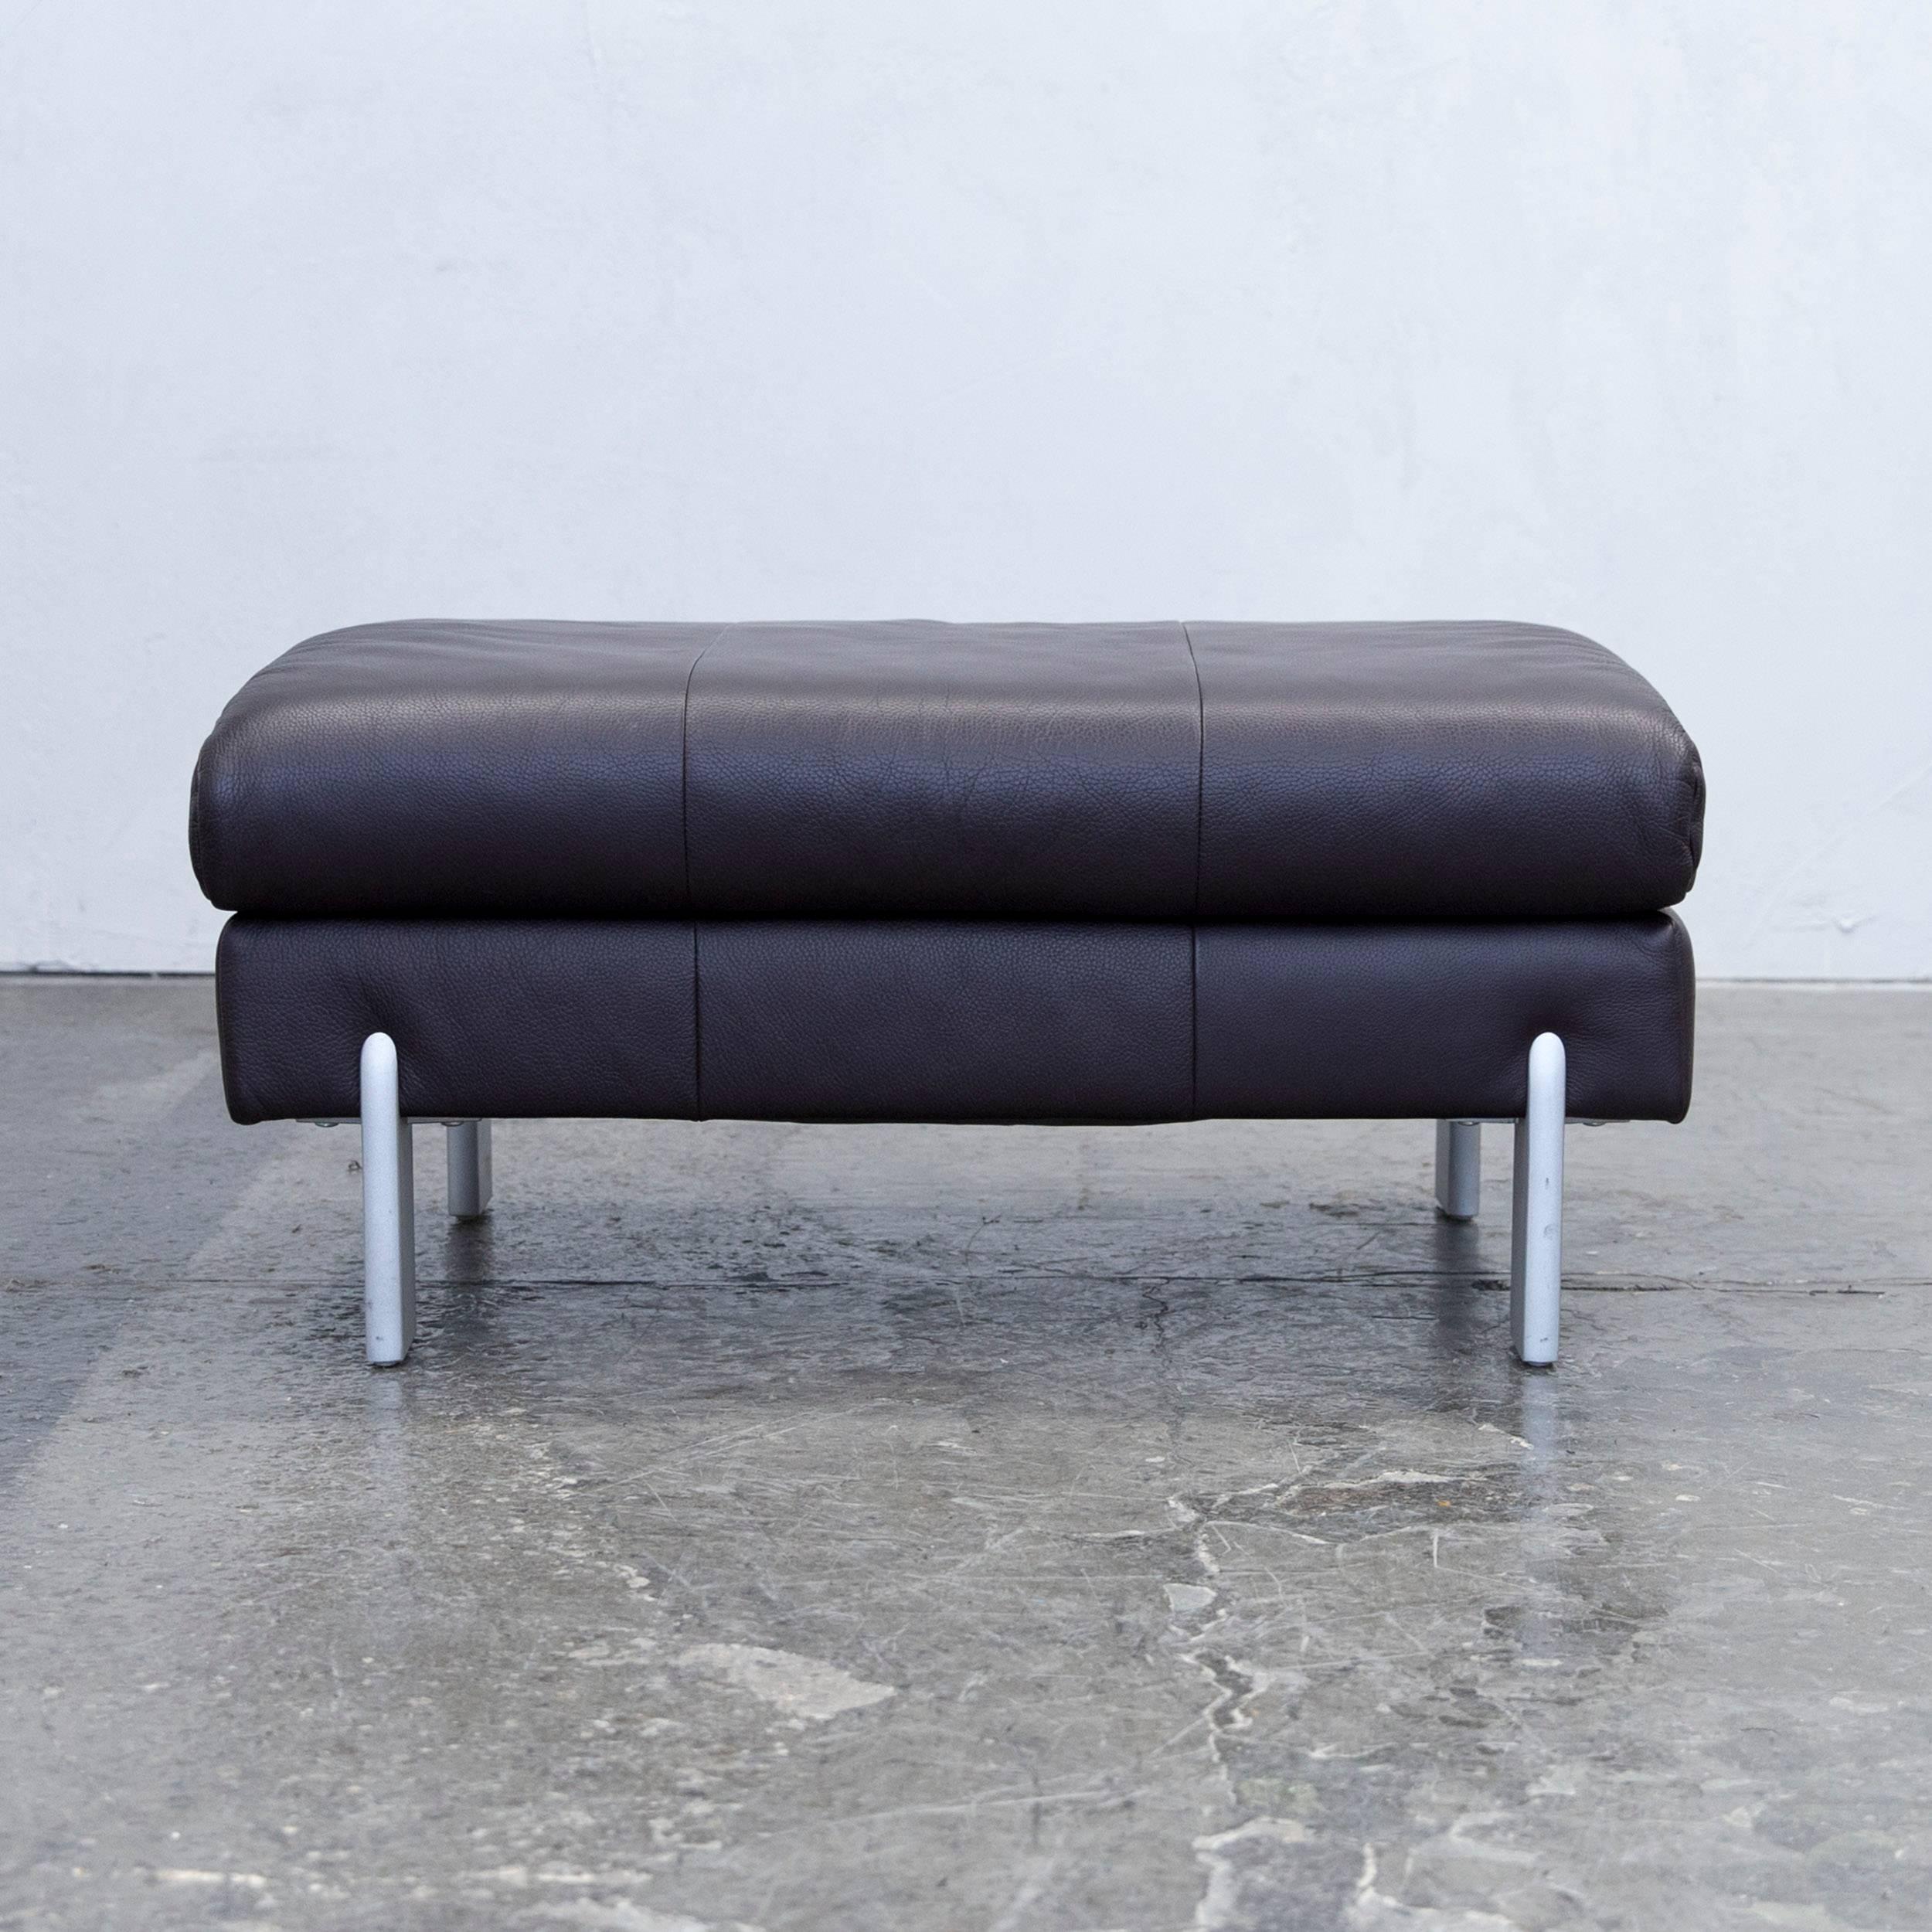 couch hocker braun couch braun tip top mit hocker in berlin with couch hocker braun free photo. Black Bedroom Furniture Sets. Home Design Ideas